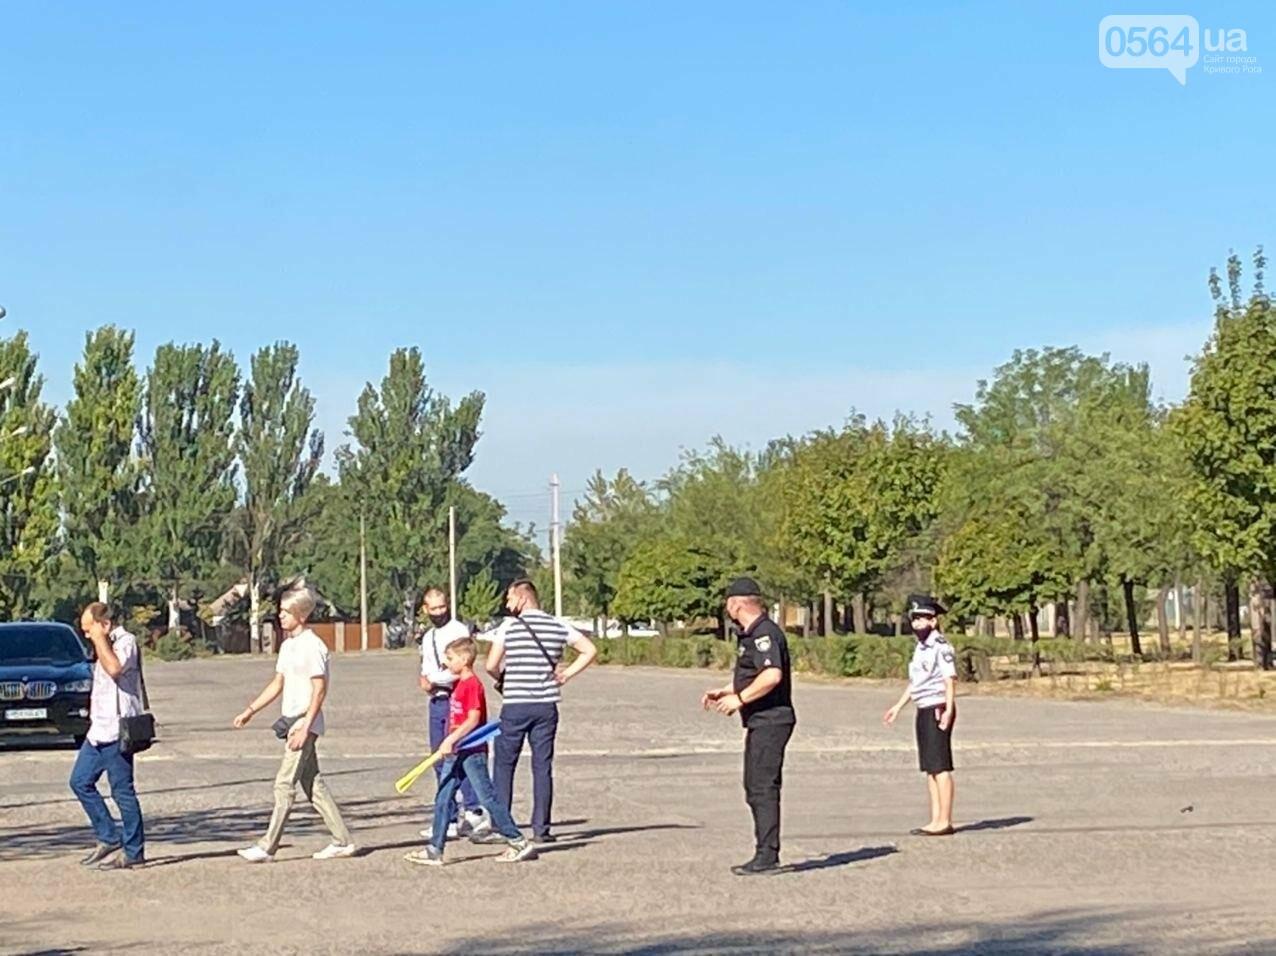 """Не узнали! Наредпов от """"Слуги народа"""" в Кривом Роге не хотели пускать к объекту, который посетит Зеленский - ФОТО, фото-3"""